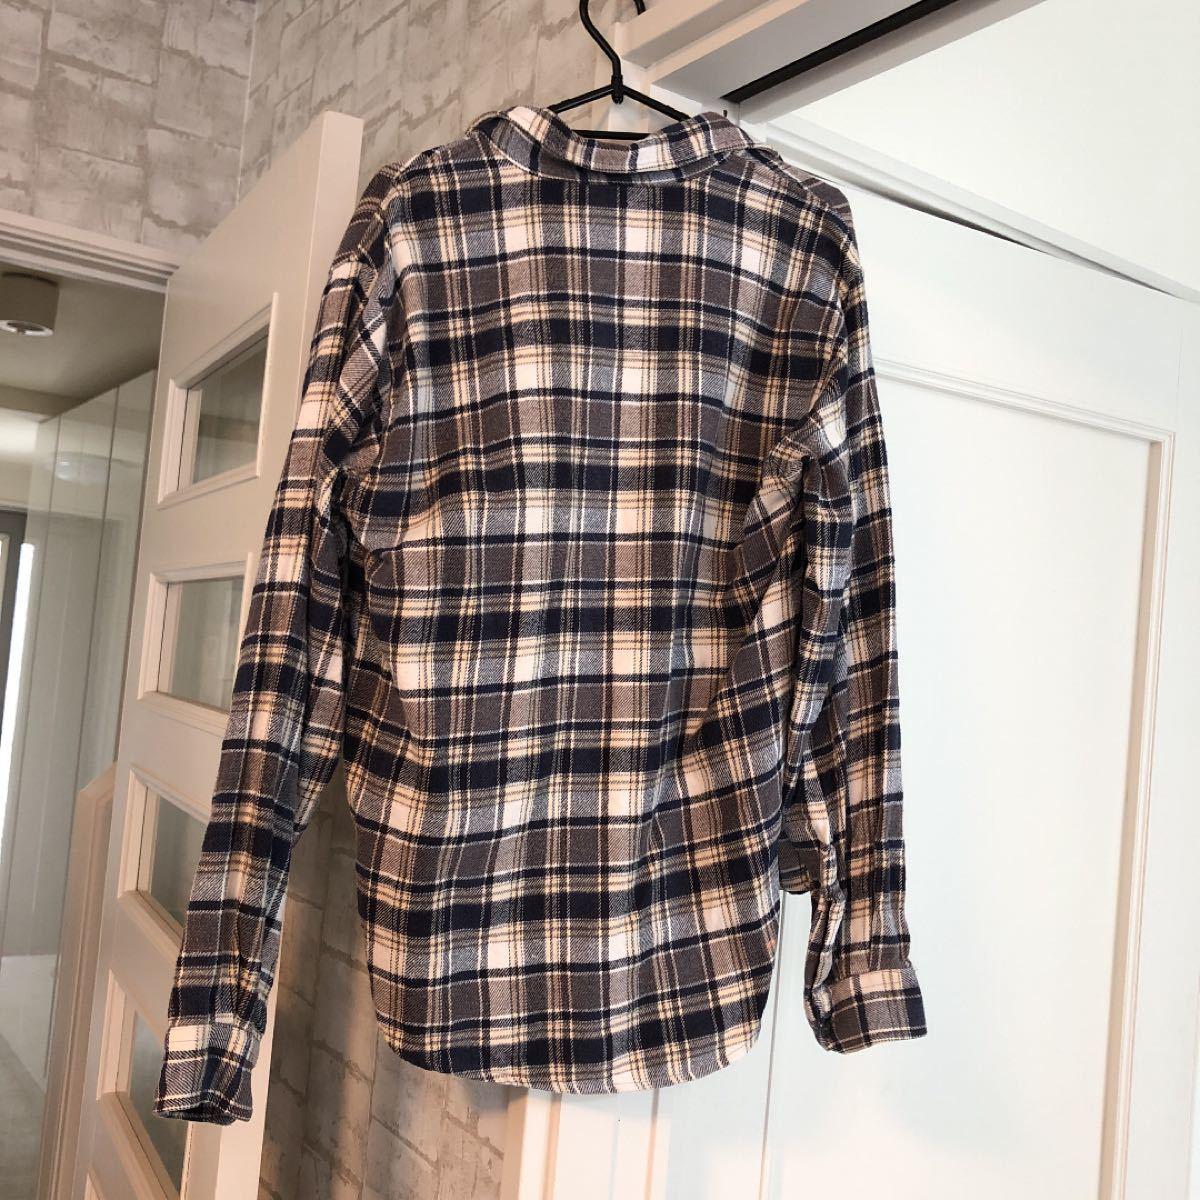 チェックシャツ 長袖シャツ  ネルシャツ 茶グレー系